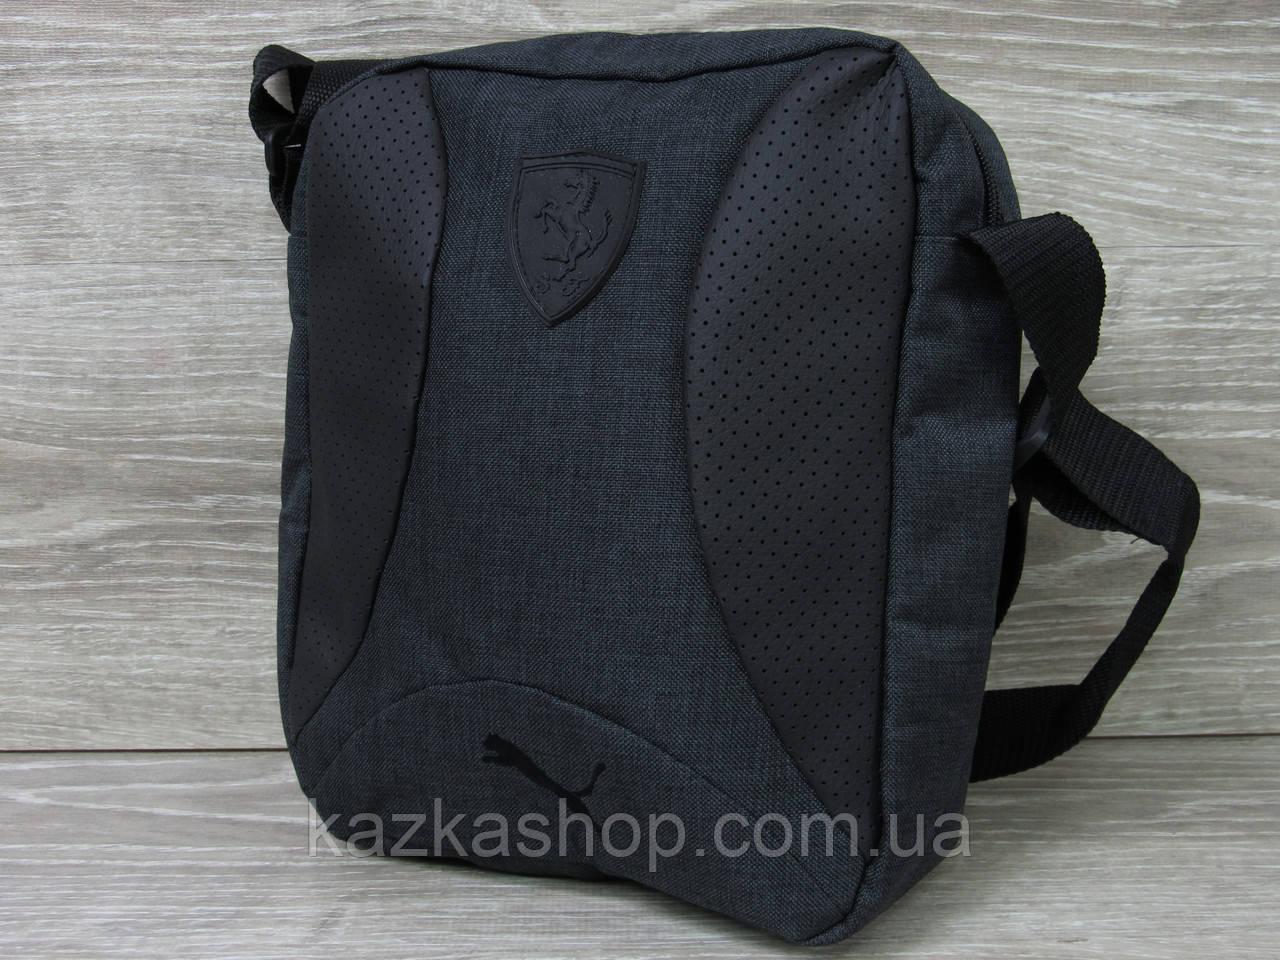 Мужская сумка через плечо, барсетка на регулируемом ремне, один отдел, вертикальная